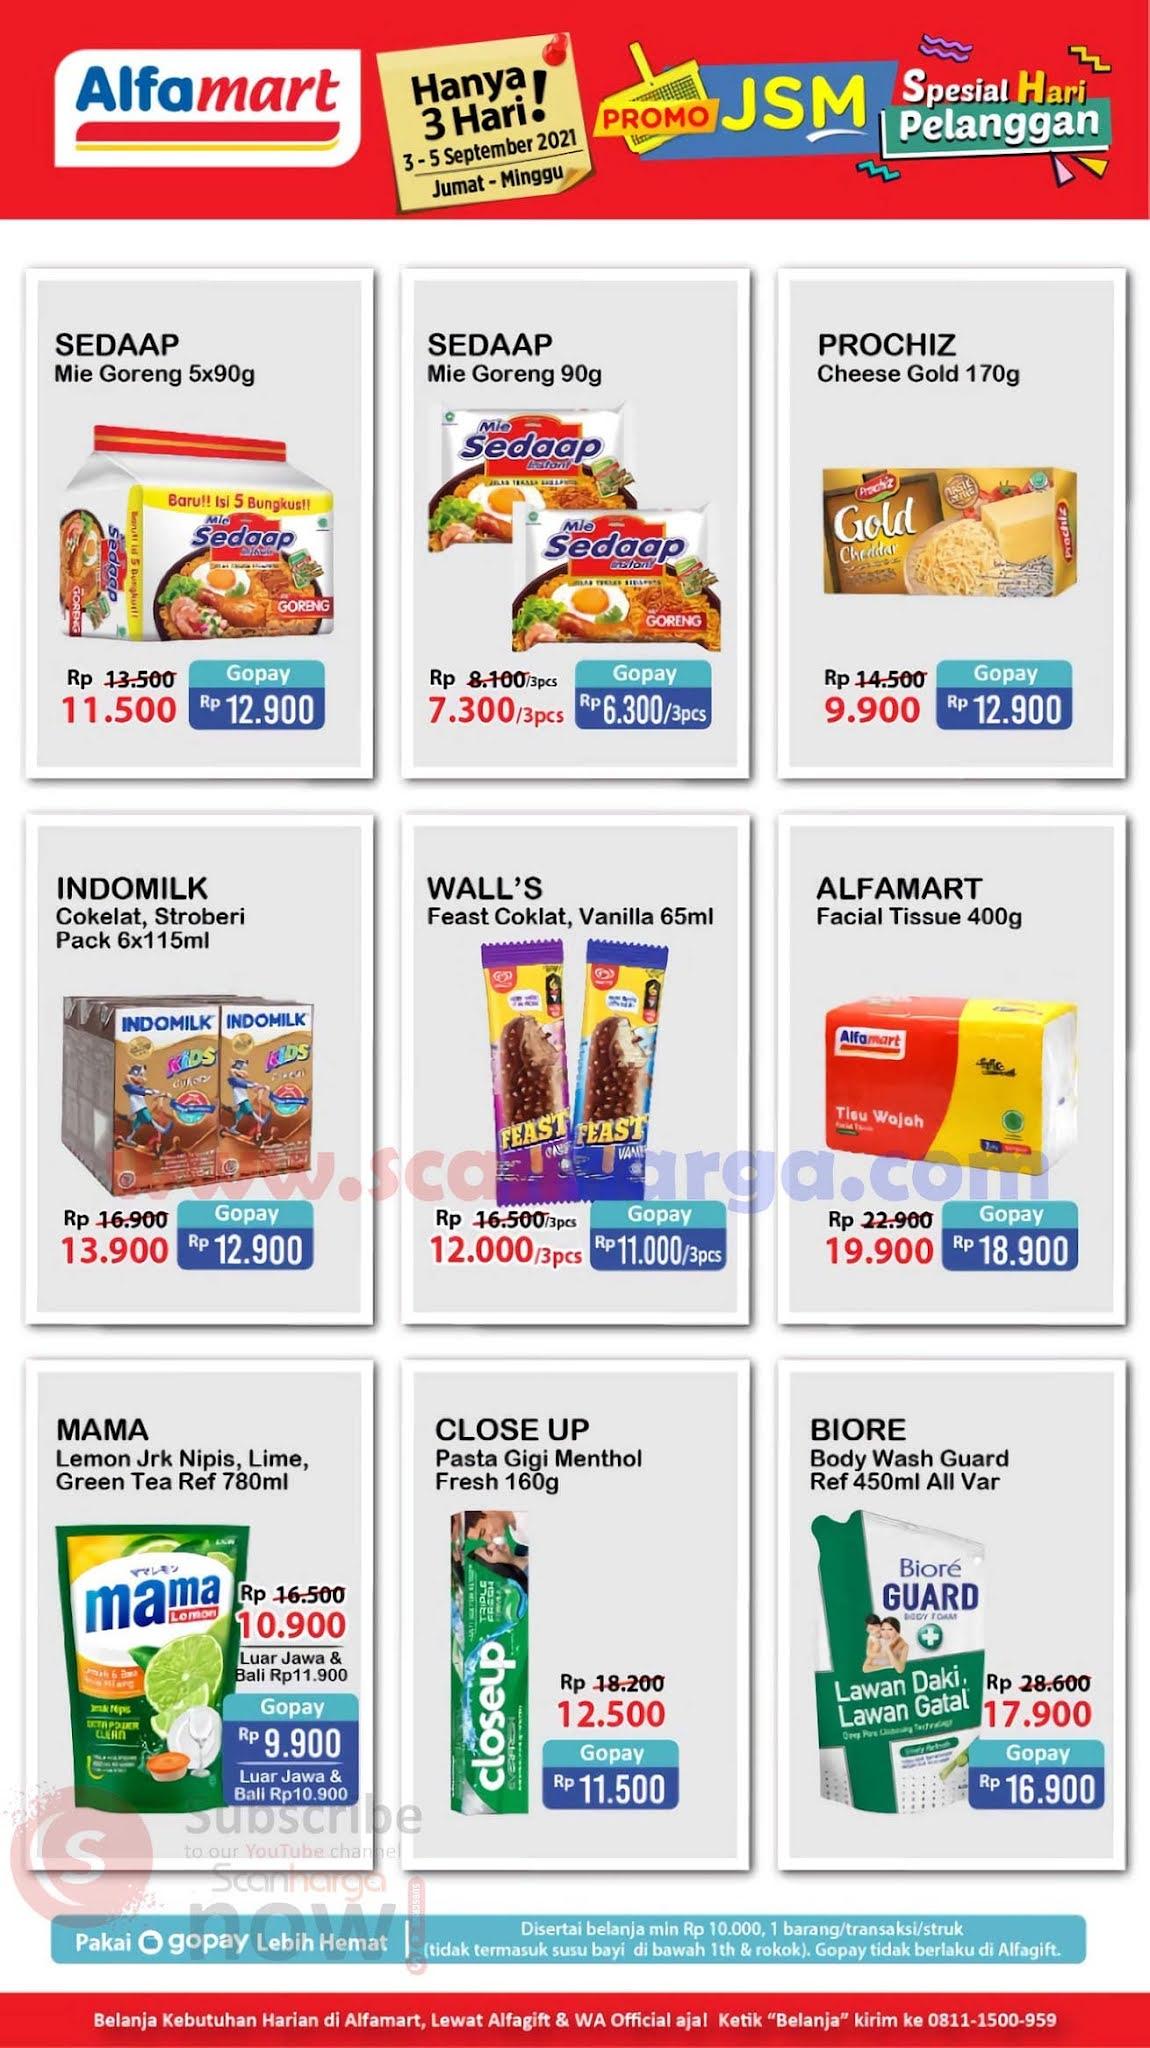 Katalog Promo JSM Alfamart Weekend 3 - 5 September 2021 5